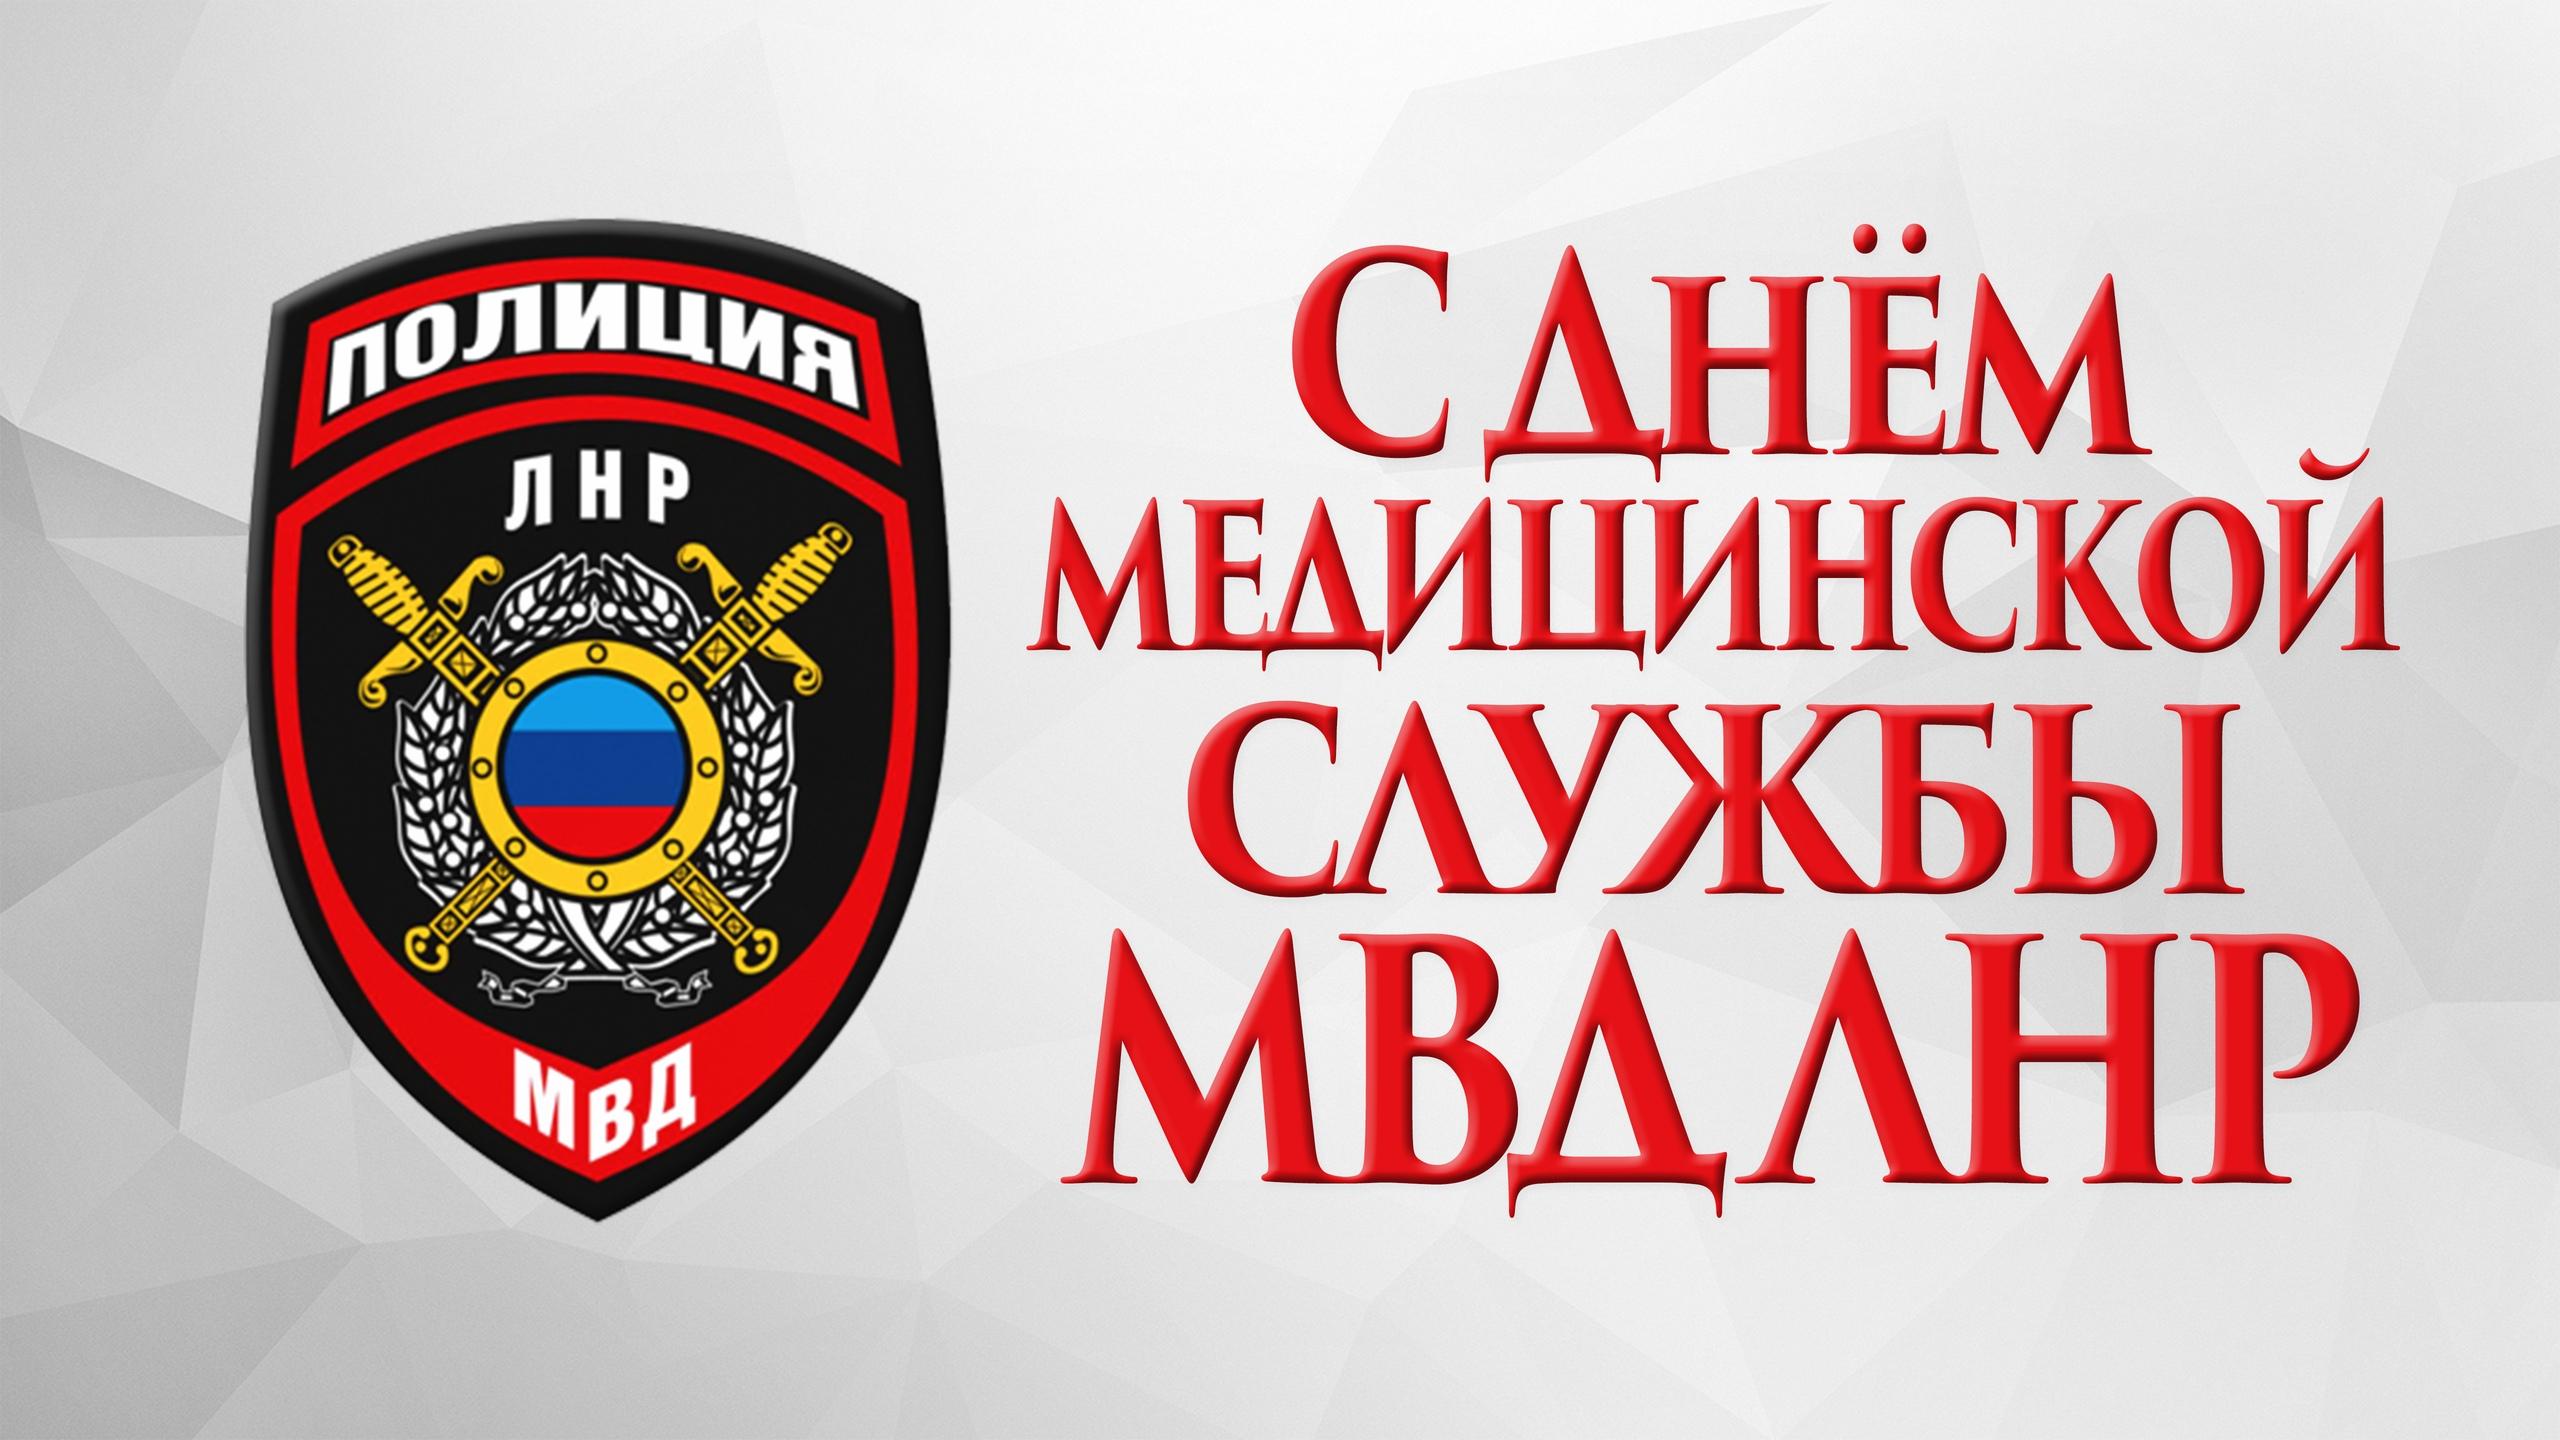 С Днём медицинской службы МВД ЛНР!